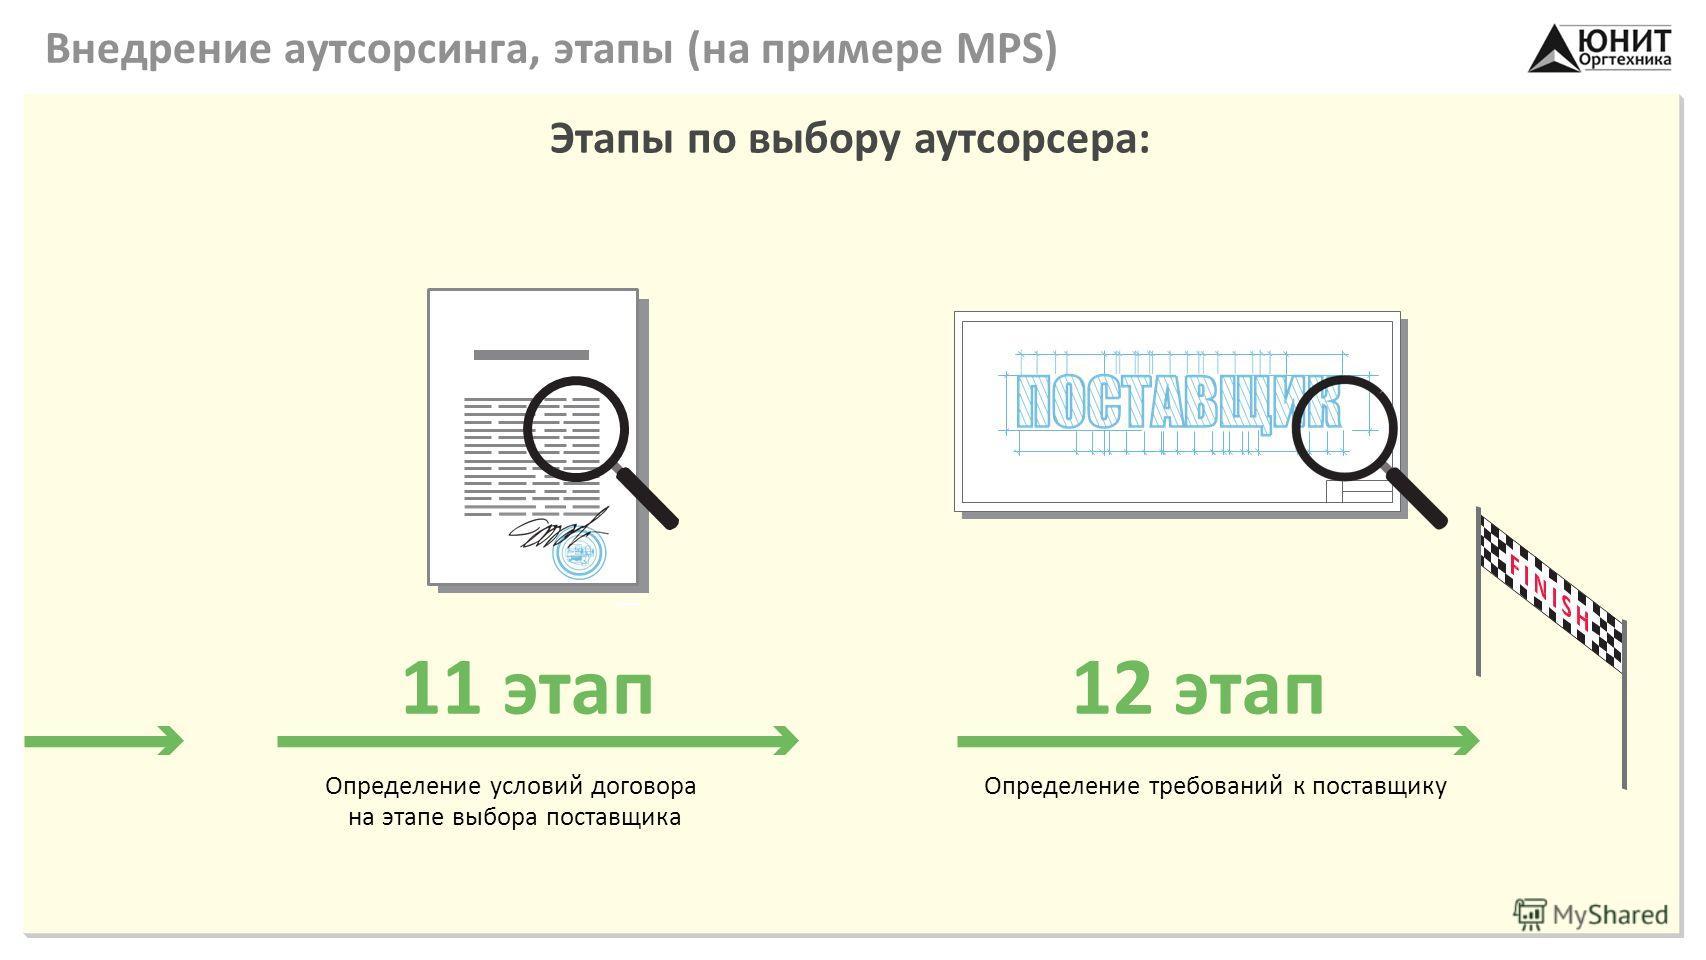 Внедрение аутсорсинга, этапы (на примере MPS) Этапы по выбору аутсорсера: Определение условий договора на этапе выбора поставщика 11 этап Определение требований к поставщику 12 этап